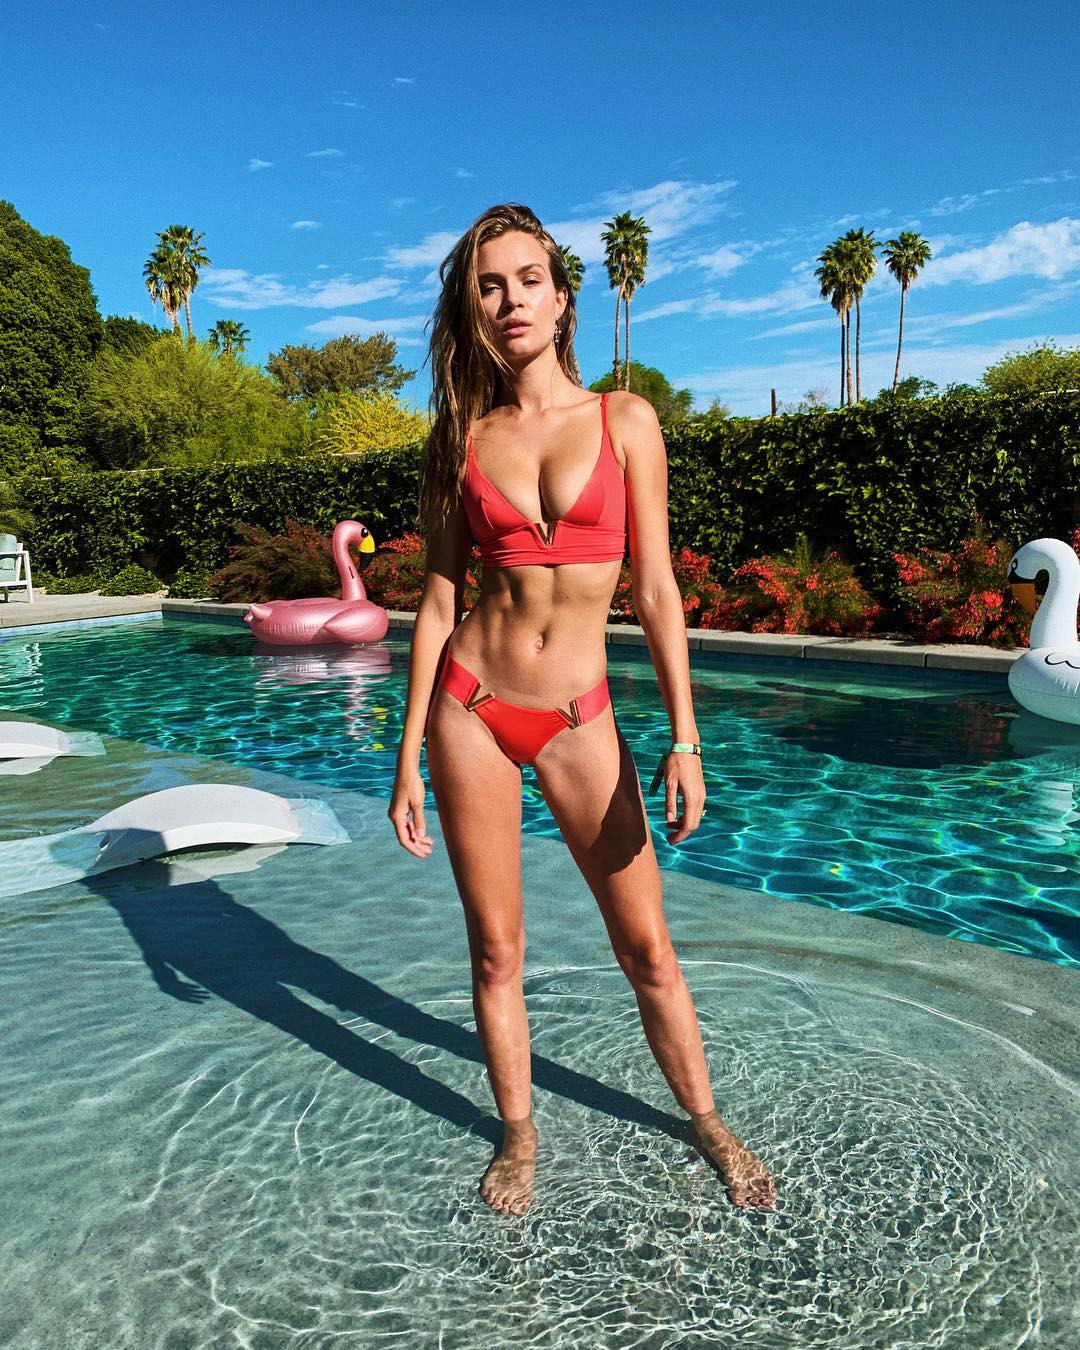 barbie griffin bikini